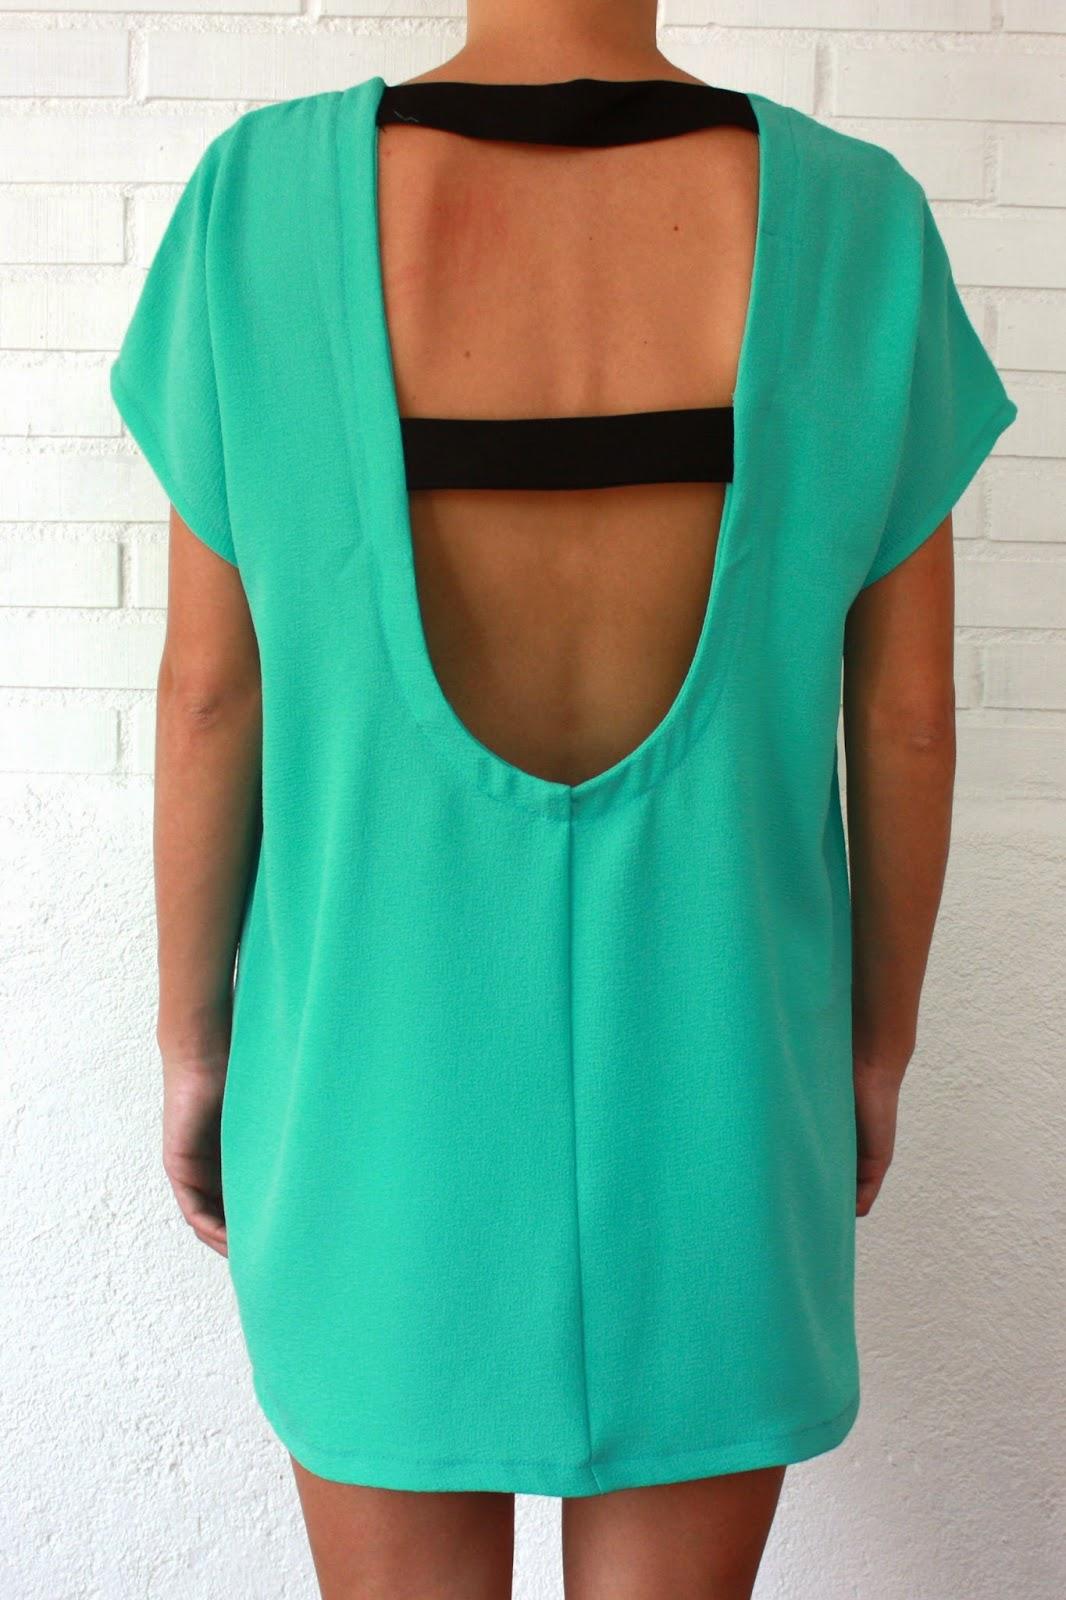 Vestido de crepé brocado color clorofila con escote de tiras paralelas en espalda - Jumper It